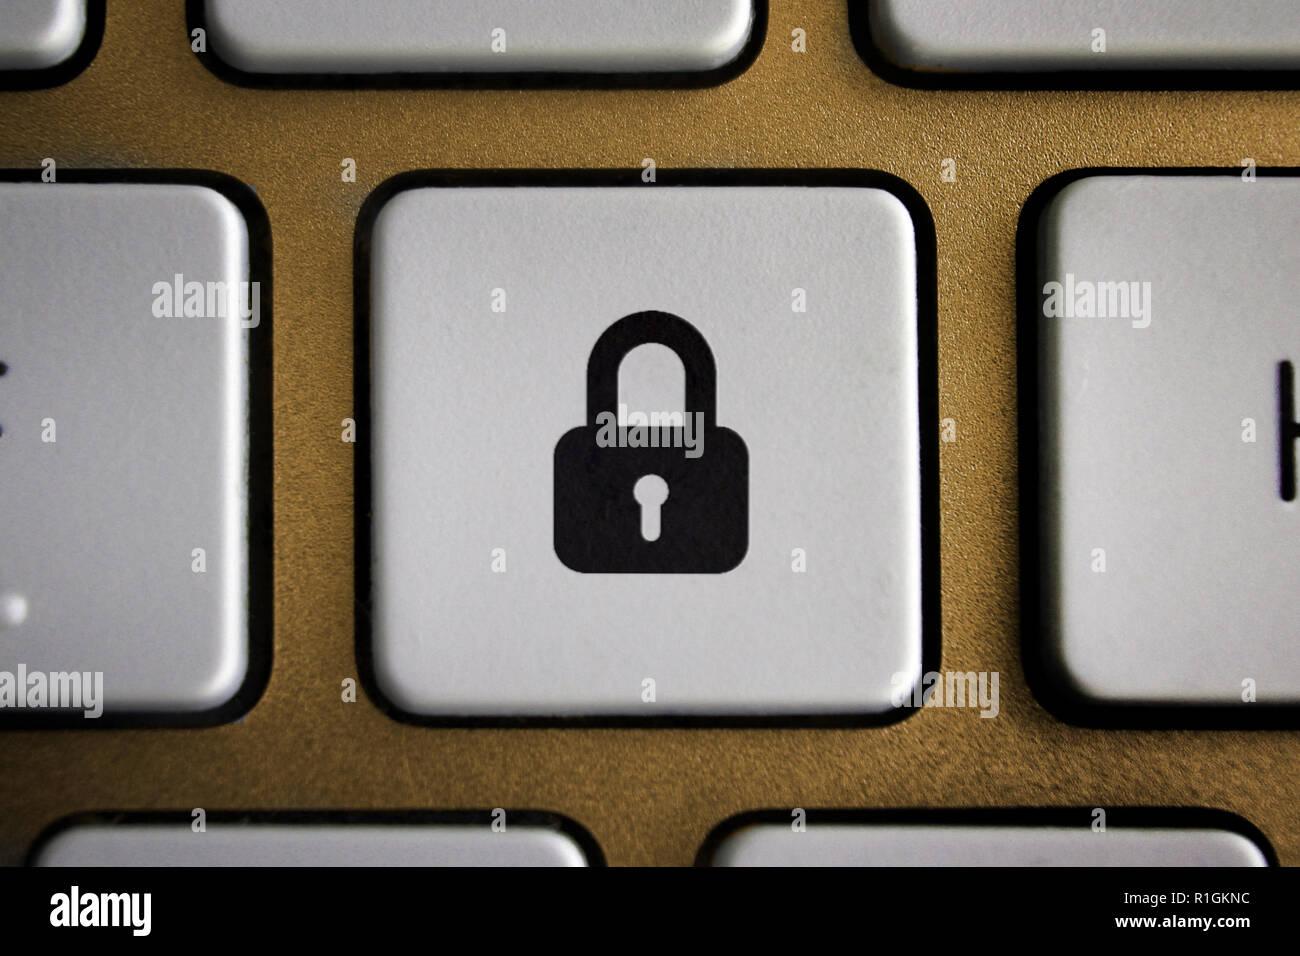 Imagen del icono de candado en el botón del teclado de ordenador Imagen De Stock